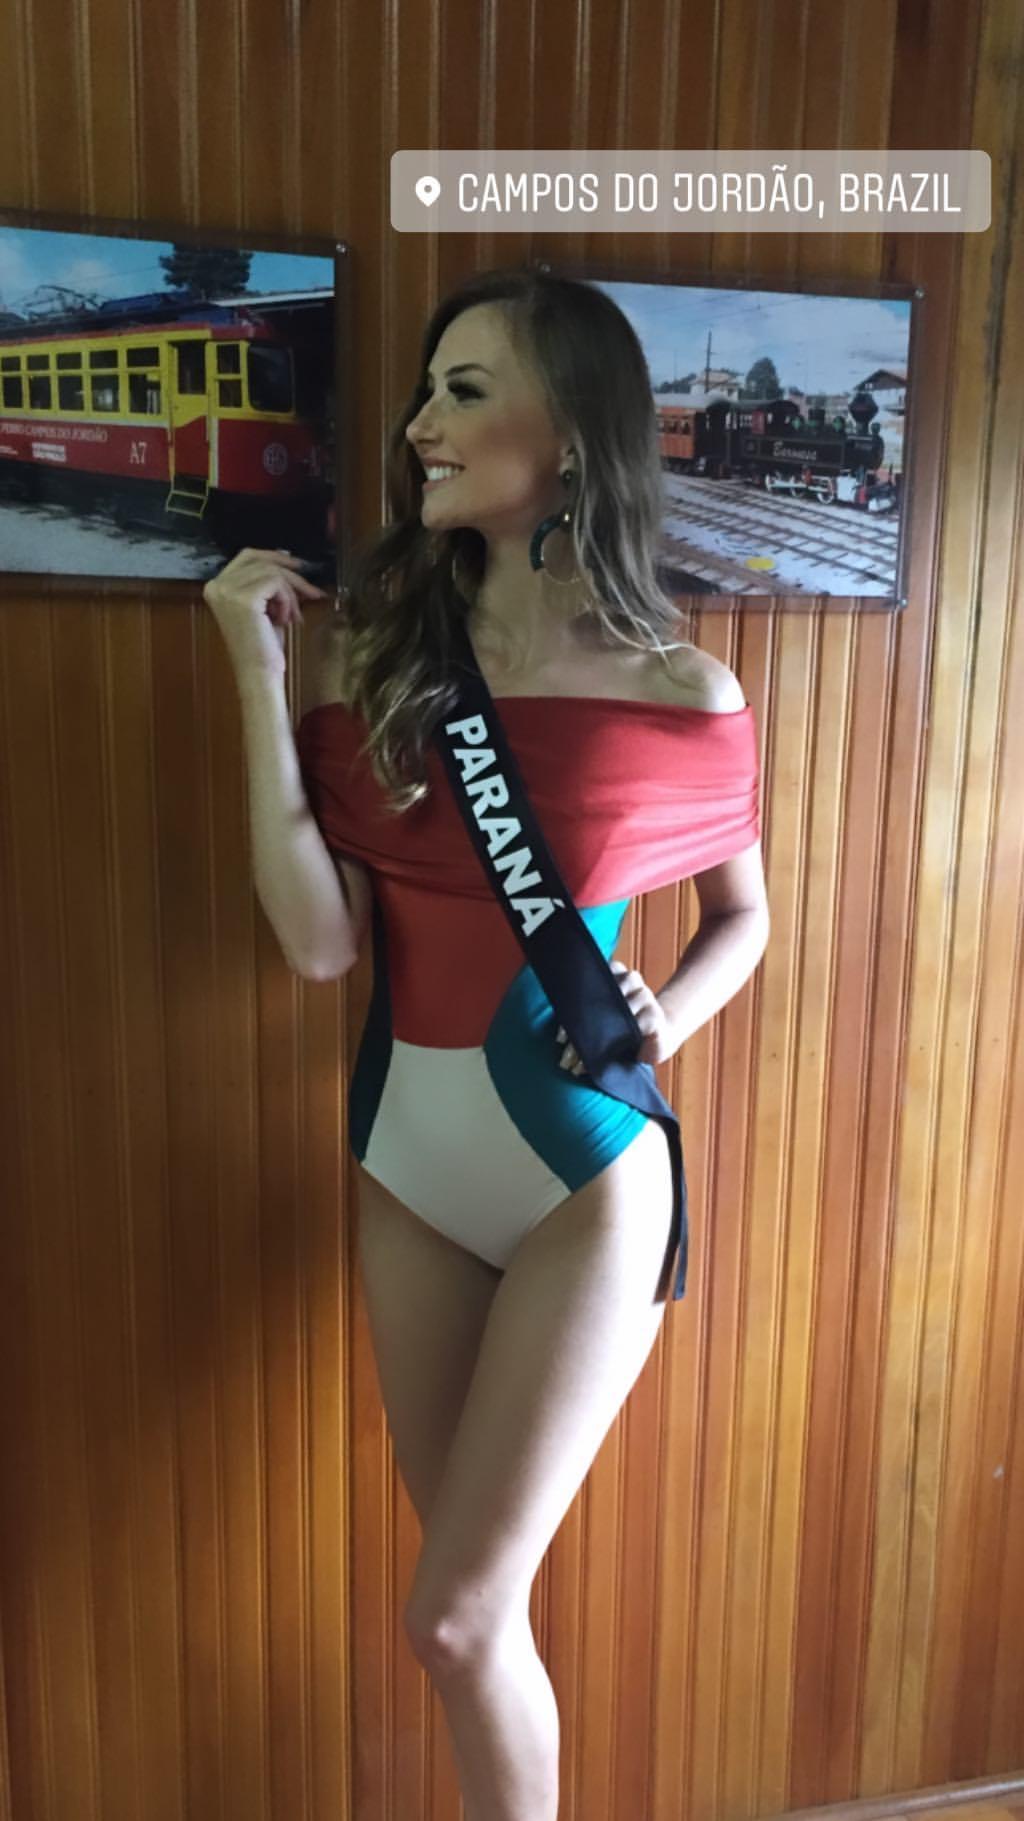 djenifer frey, miss parana 2019. - Página 3 51750010